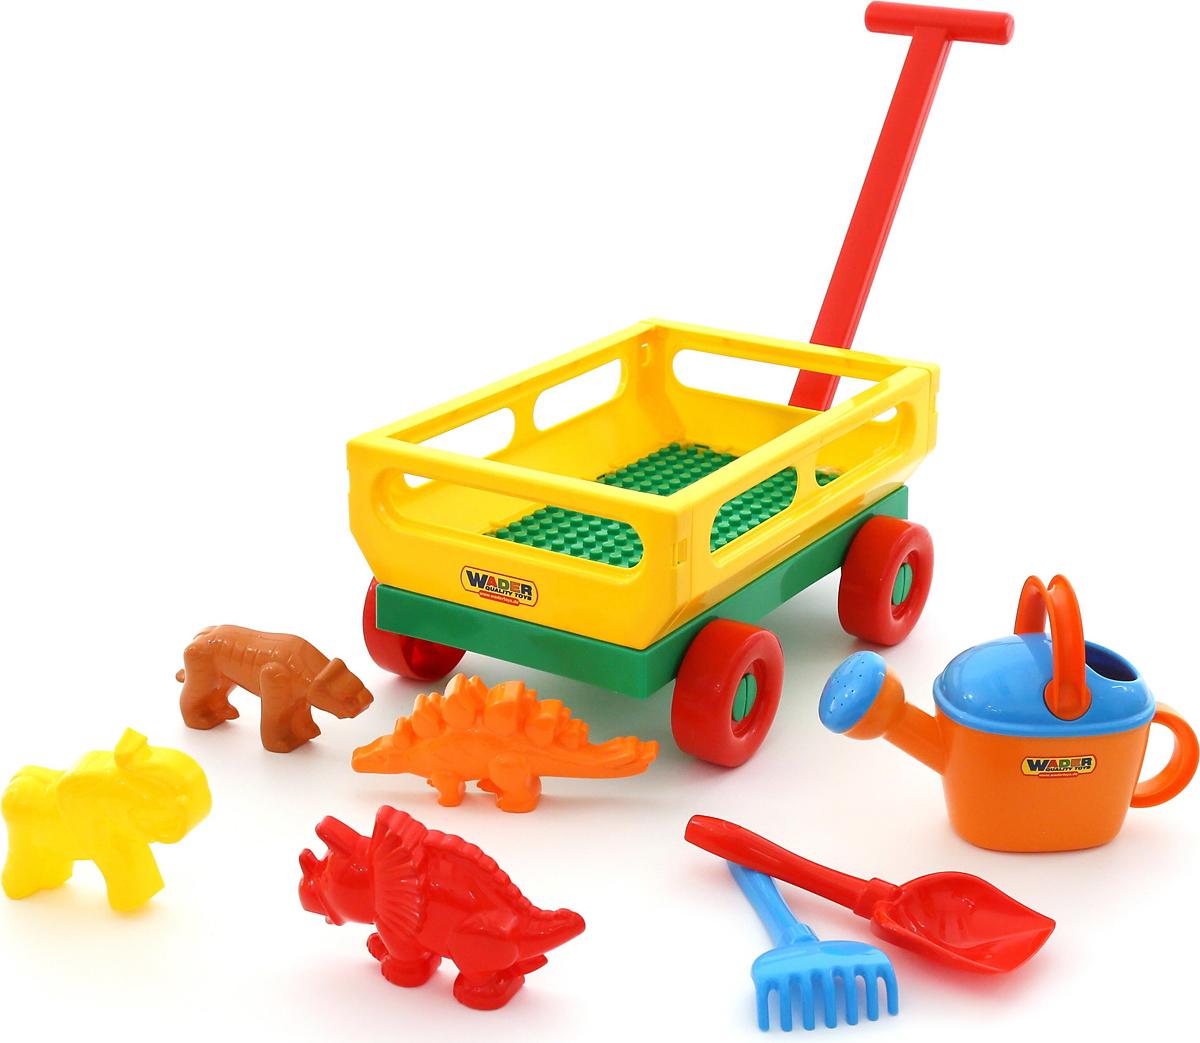 Полесье Набор игрушек для песочницы №485, цвет в ассортименте